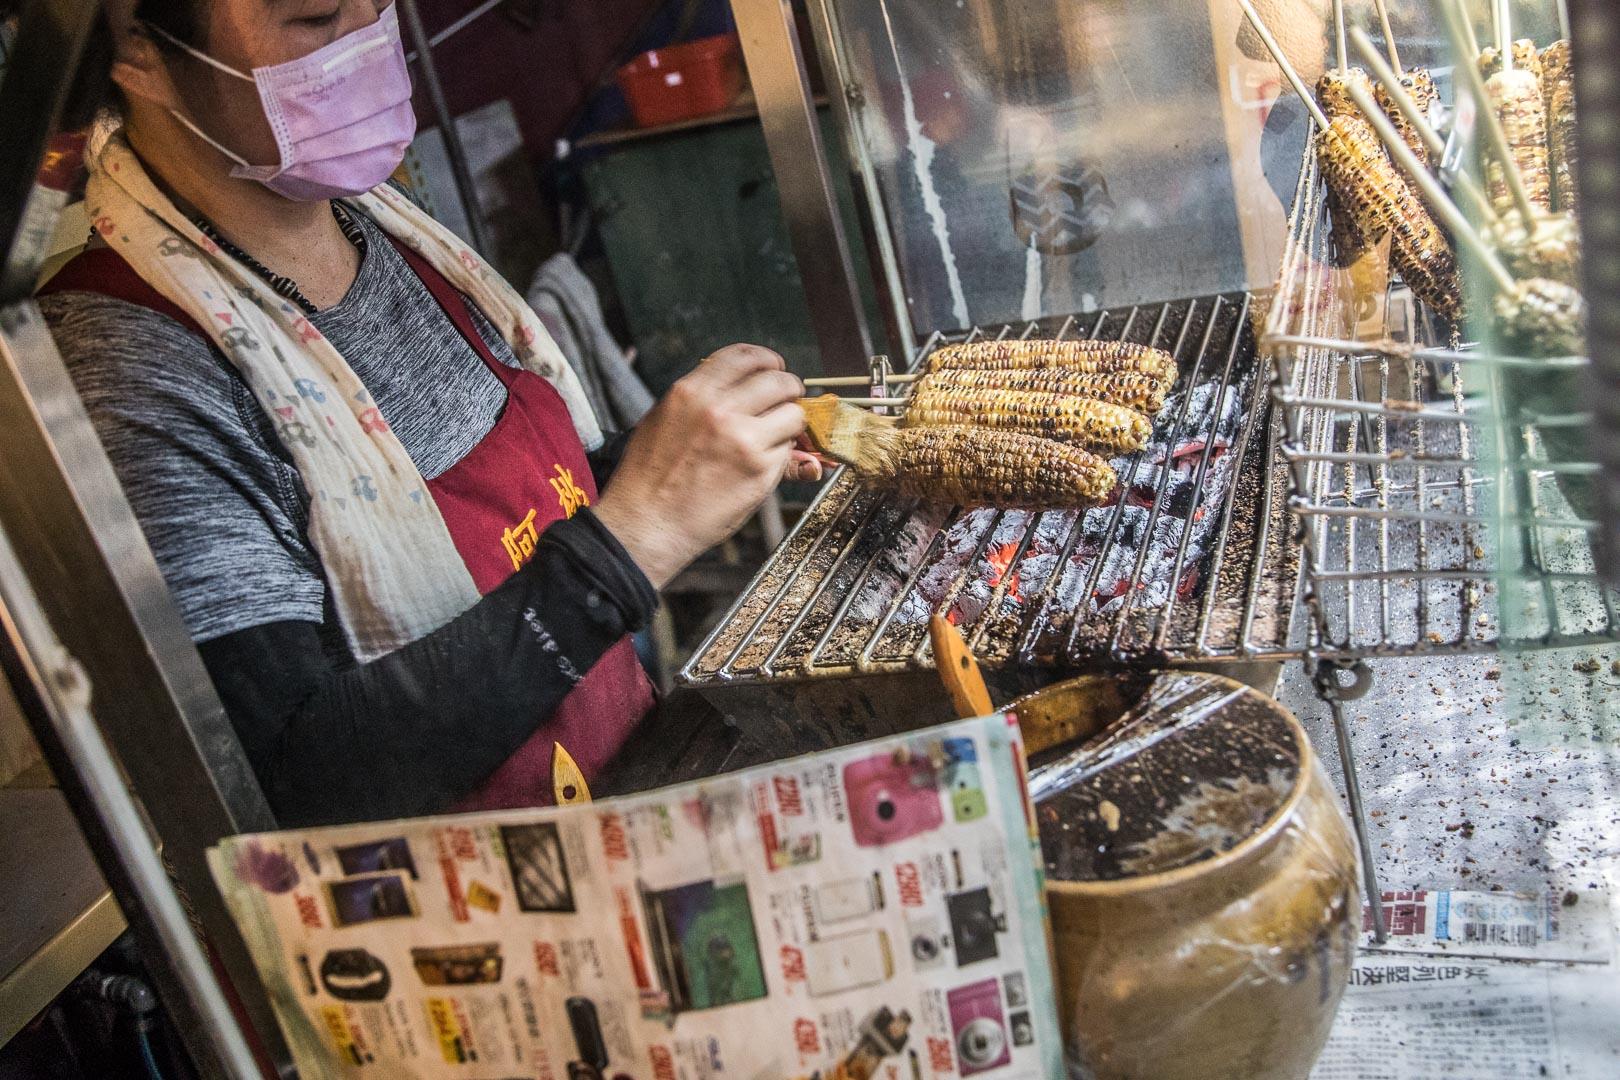 嘉義美食》阿桃烤玉米,阿婆烤玉米排不到?在地人都來買這家,便宜又好吃